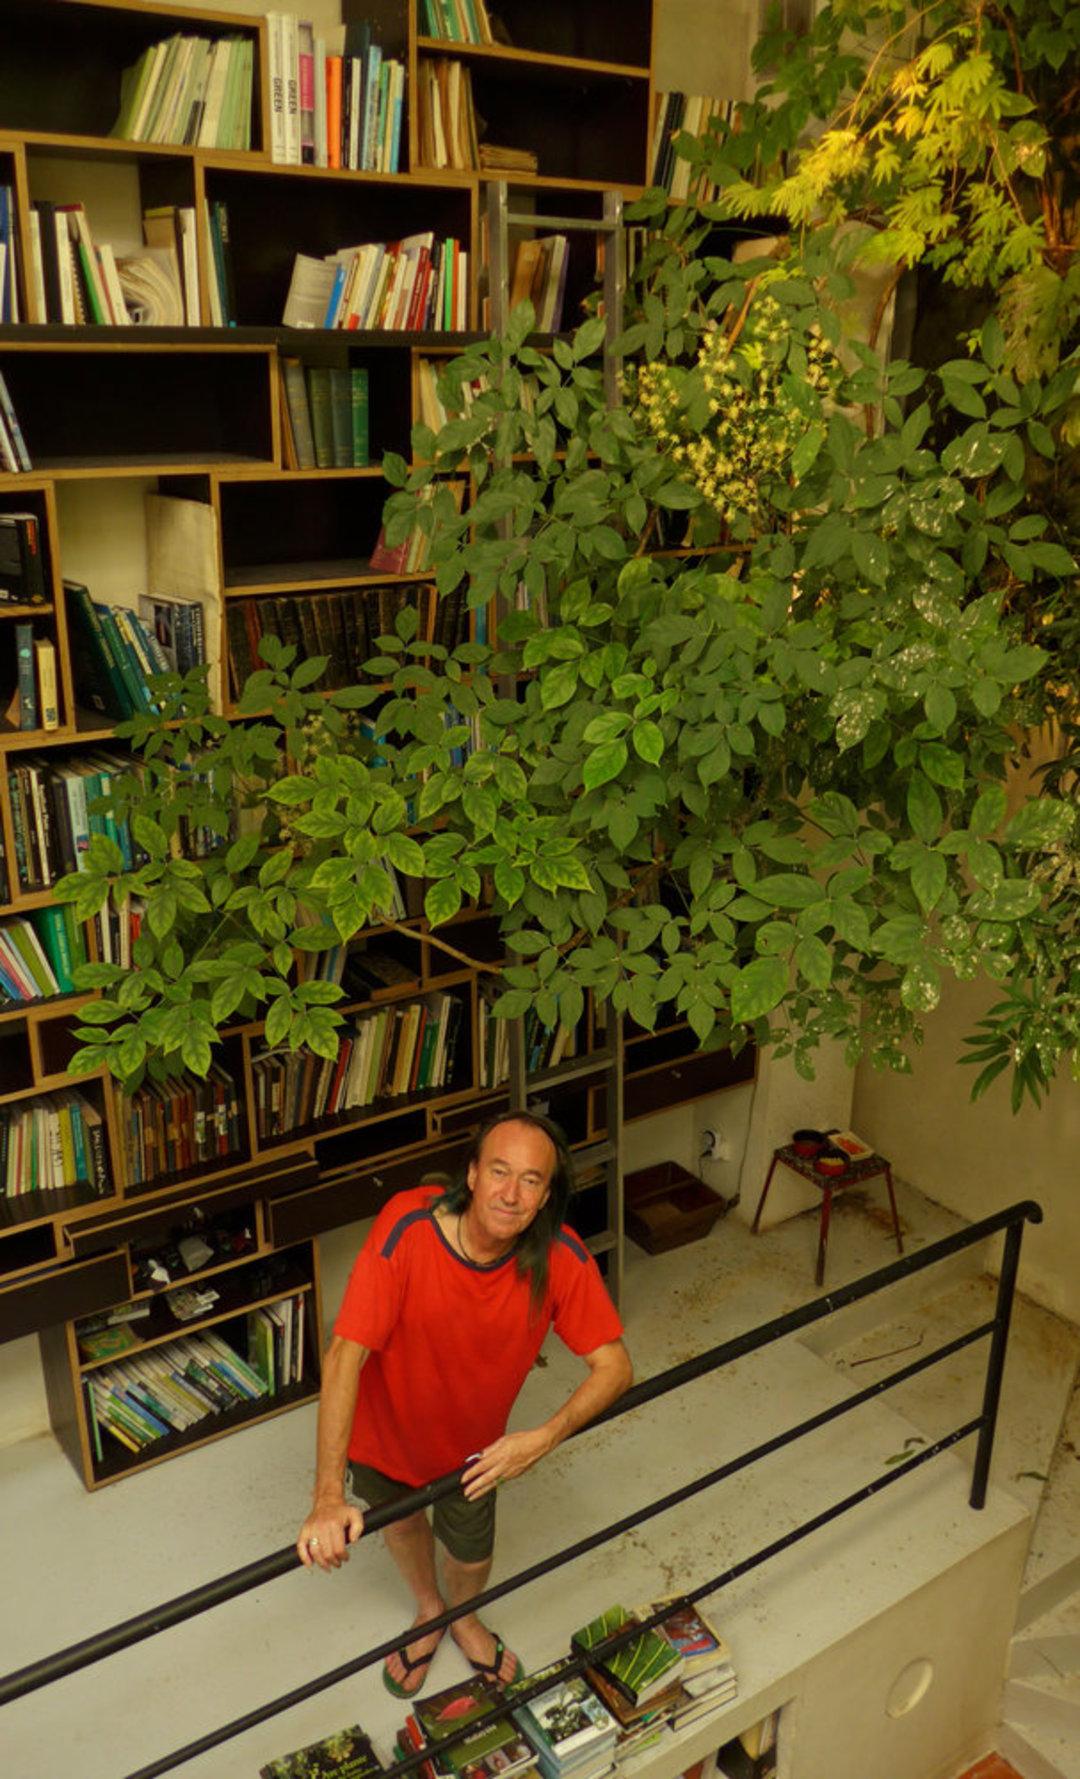 这个法国植物学家做了 40 年垂直花园,他的一生都和植物有关_设计_好奇心日报